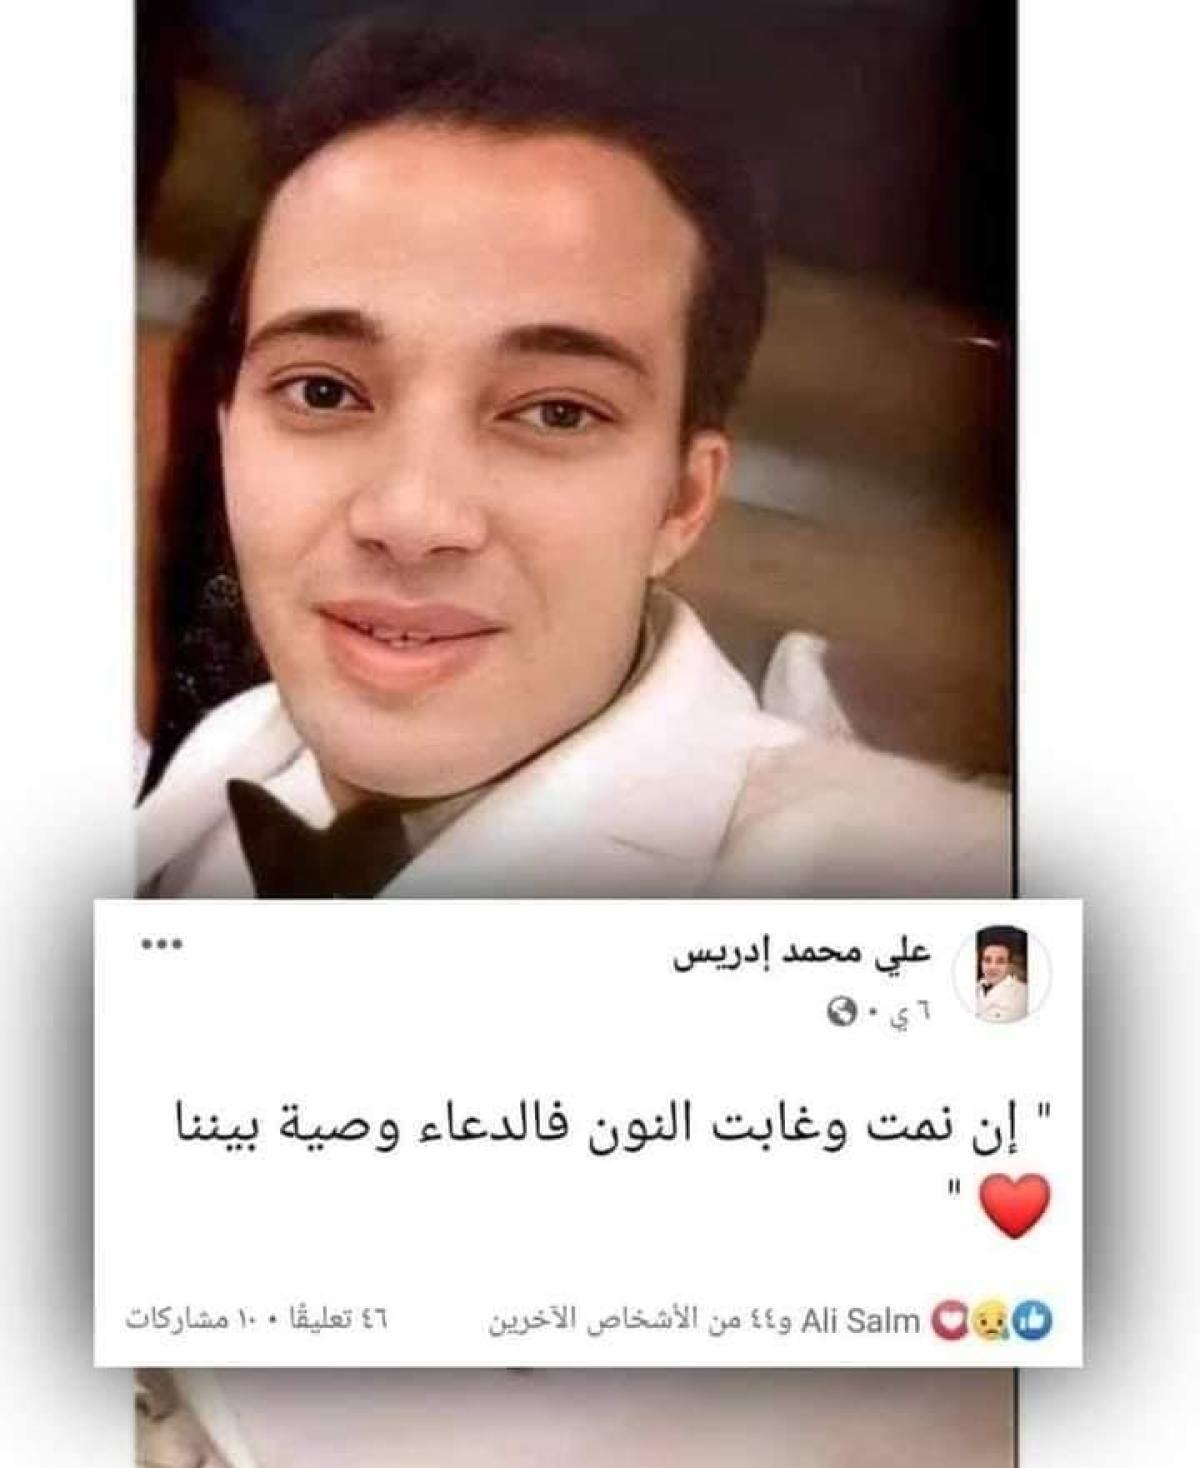 مصر: عريس يستقبل أصدقائه وأقاربه في حفل زفافه ثم يرقص مع عروسه.. وبعد مرور شهر على زواجه كانت الصدمة!